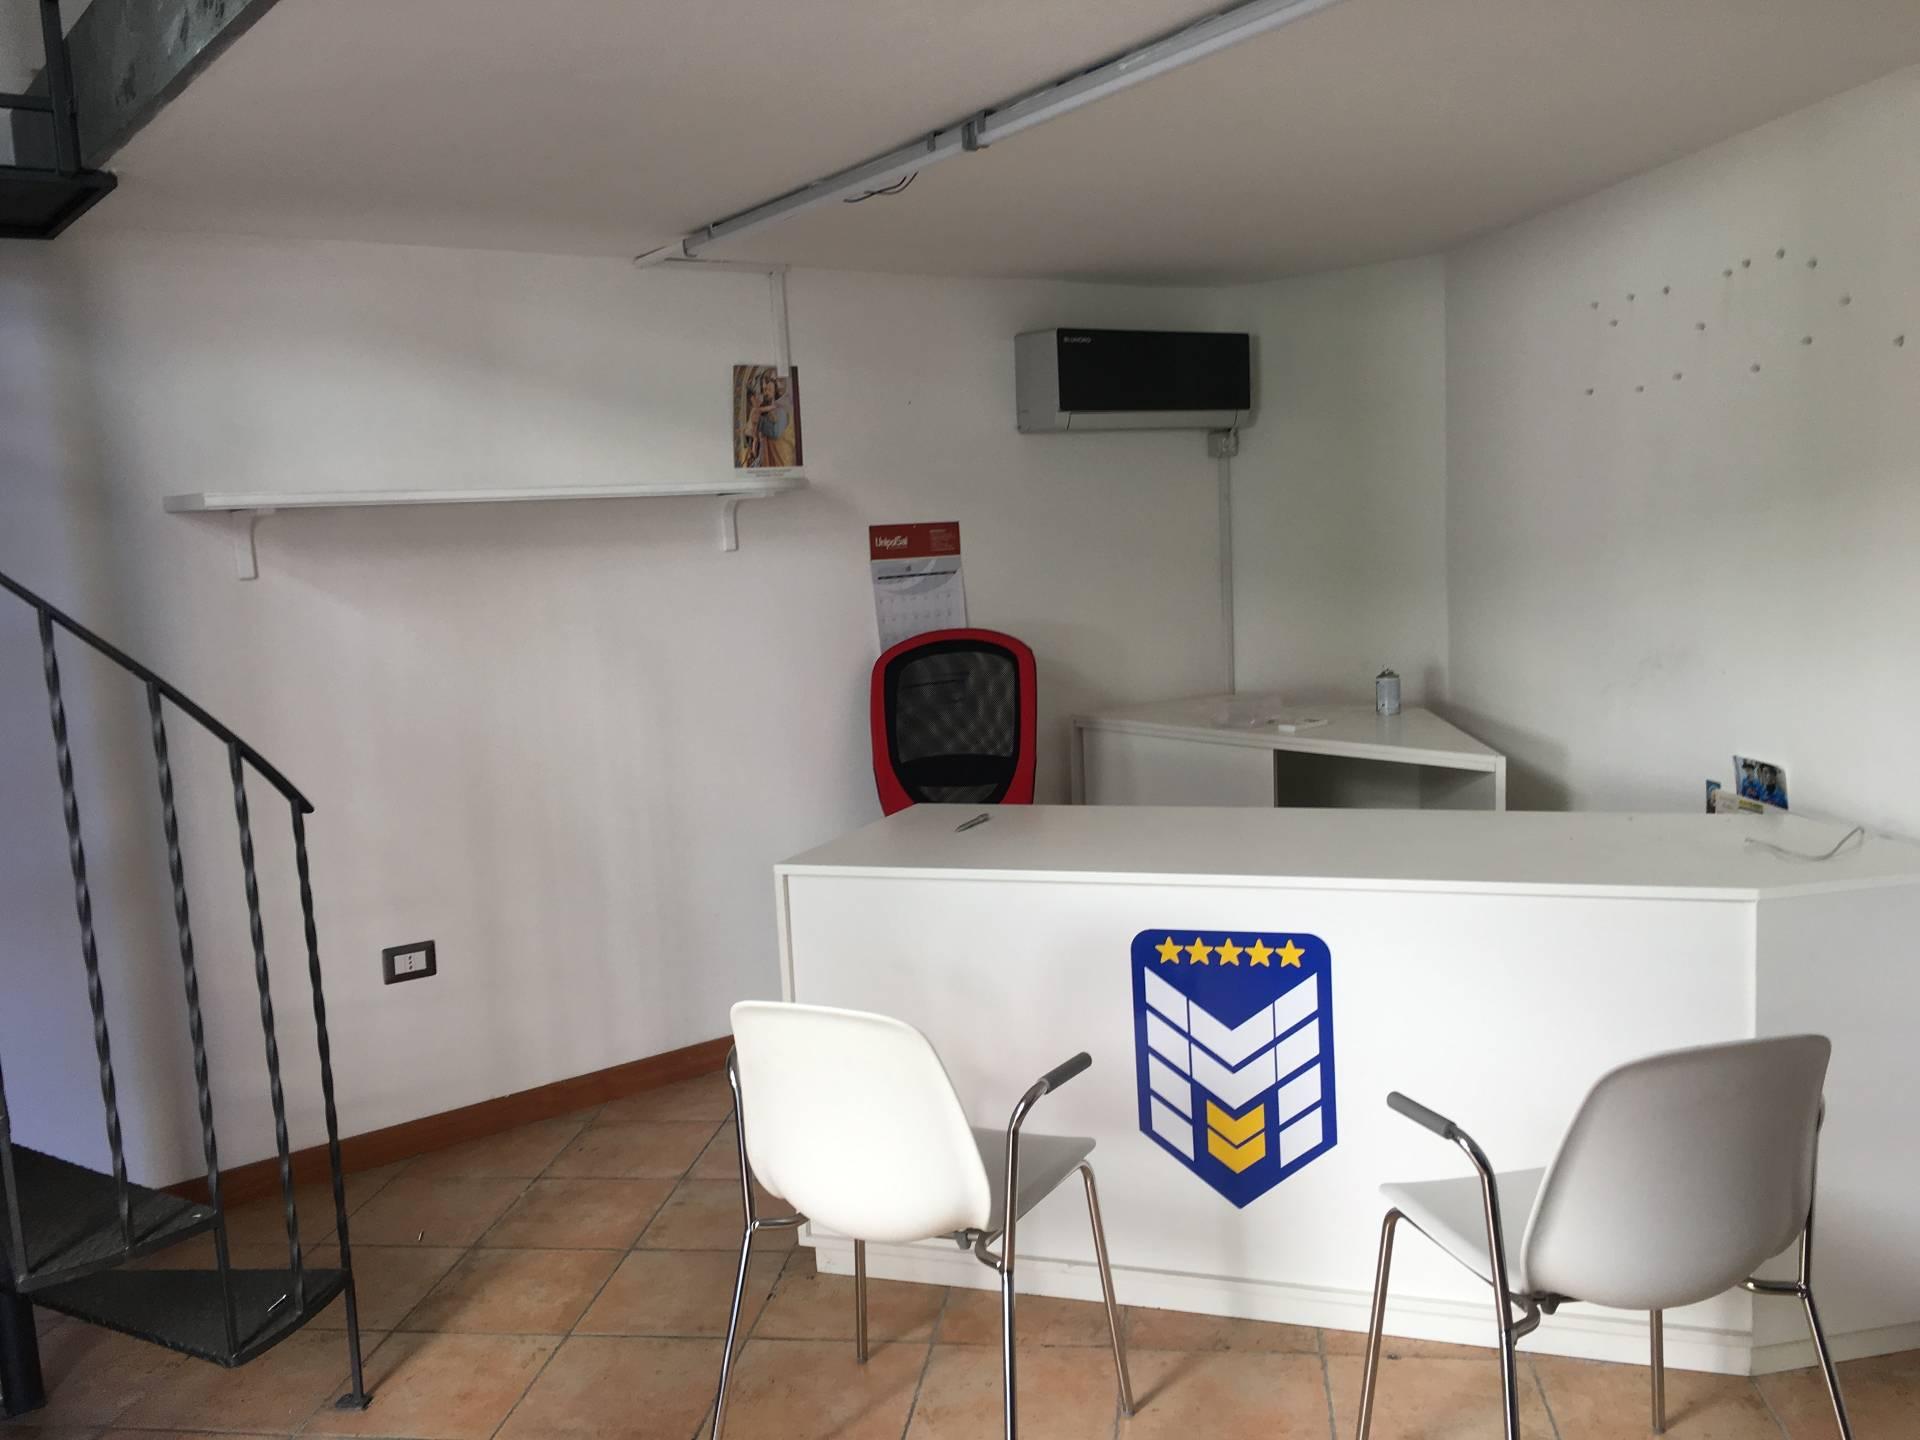 Negozio / Locale in affitto a San Giuseppe Vesuviano, 9999 locali, prezzo € 500 | Cambio Casa.it